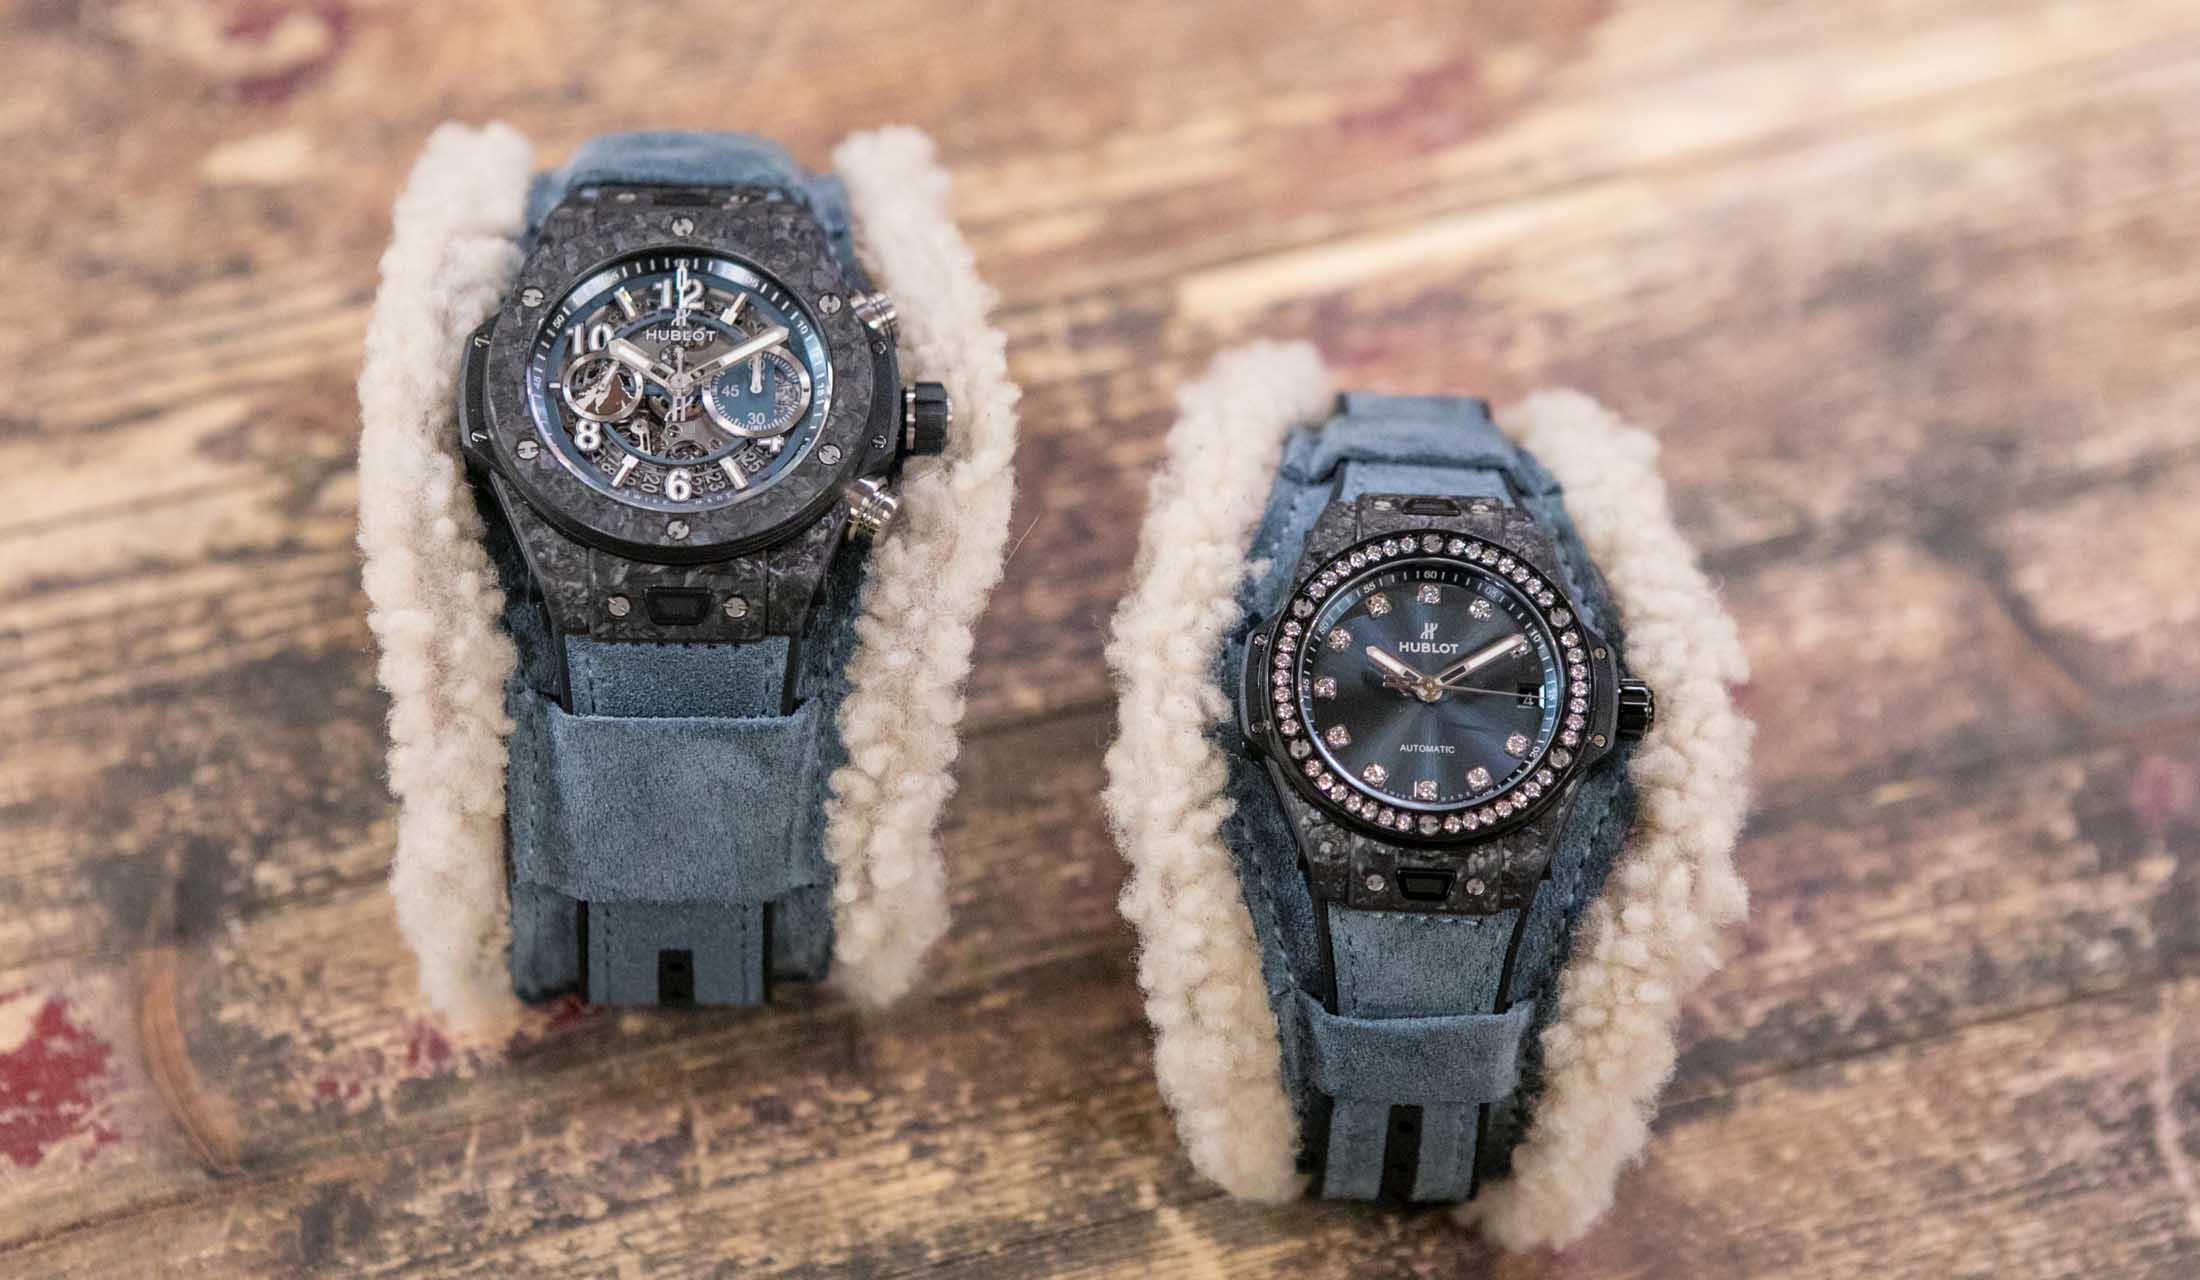 アイコニックなモデルとして愛され続けているウブロの腕時計「ビッグ・バン アルプス」